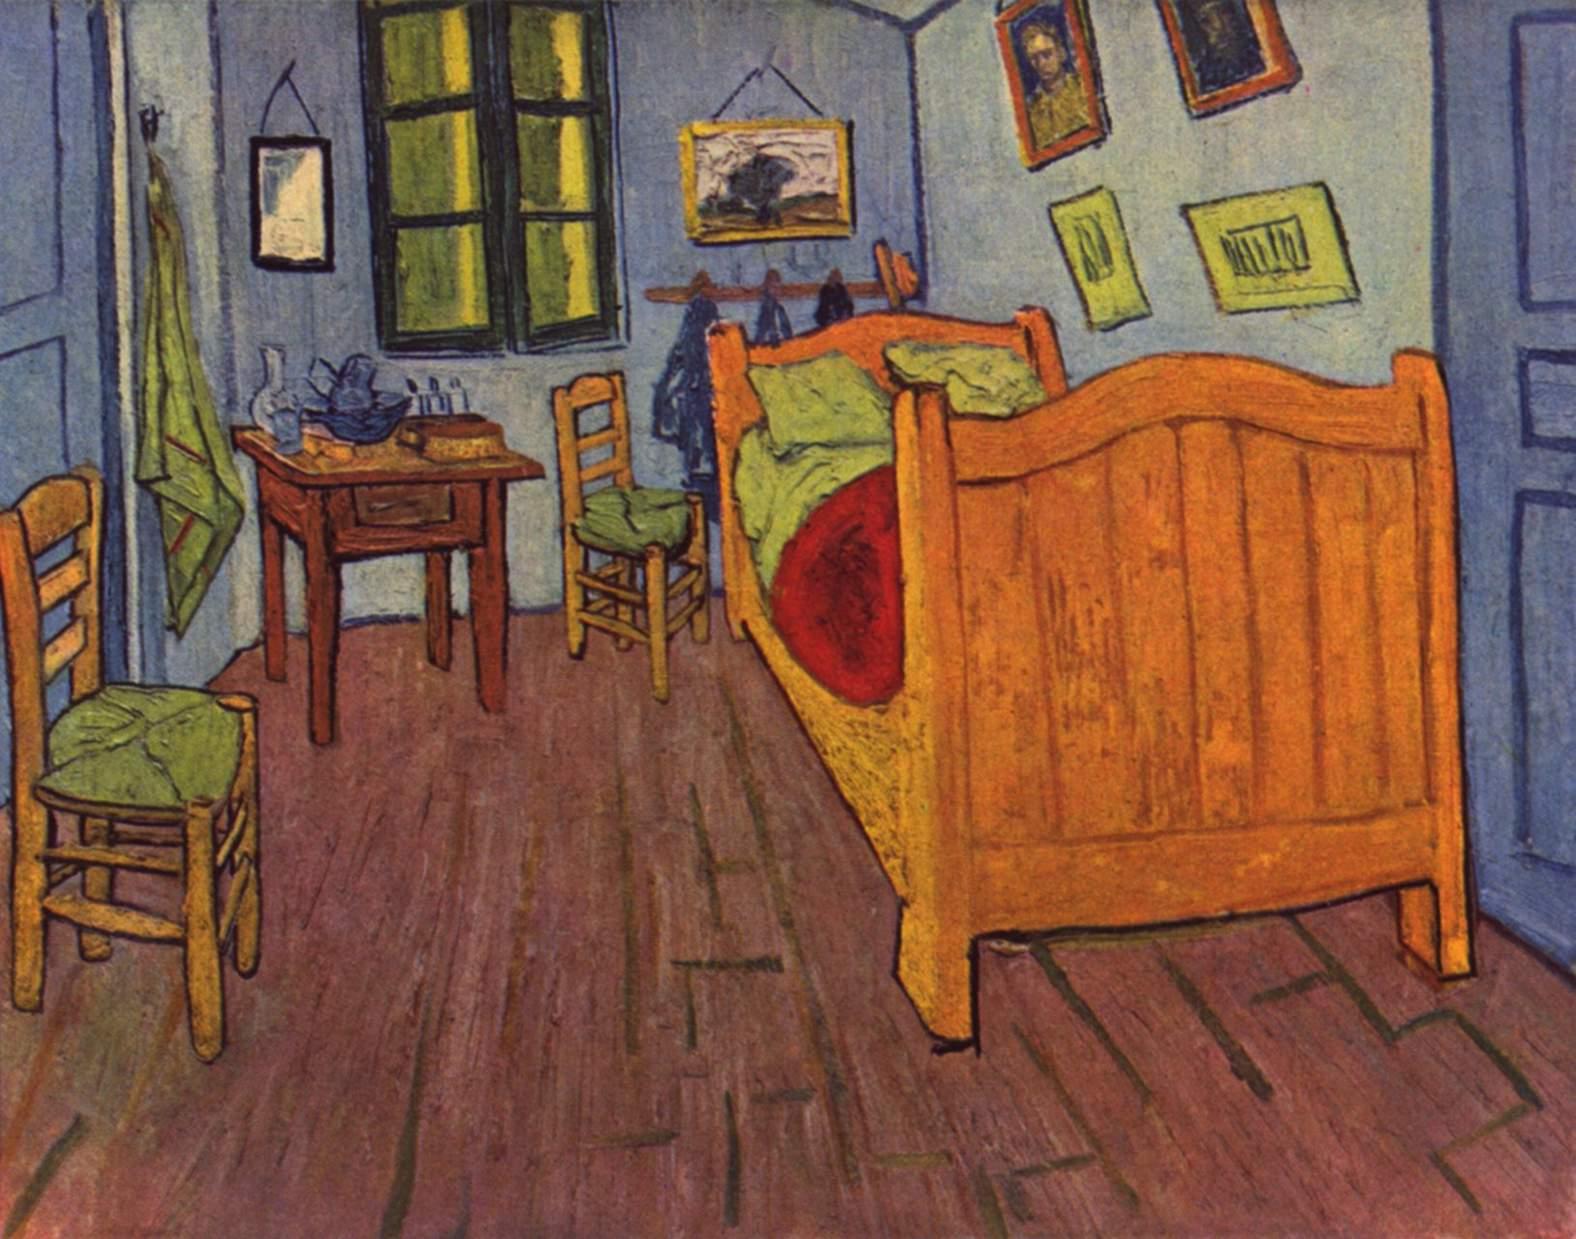 vincent willem van gogh « Last additions « Art might - just art